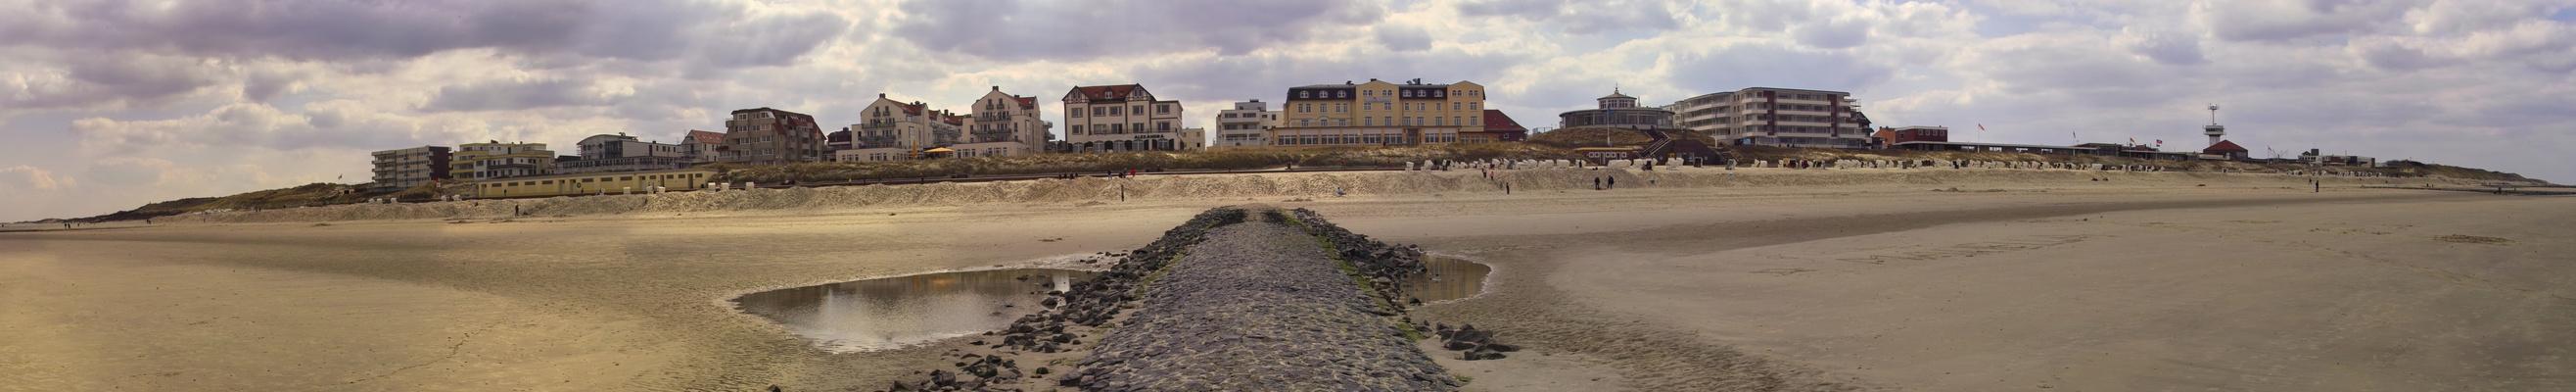 Dorf vom Strand